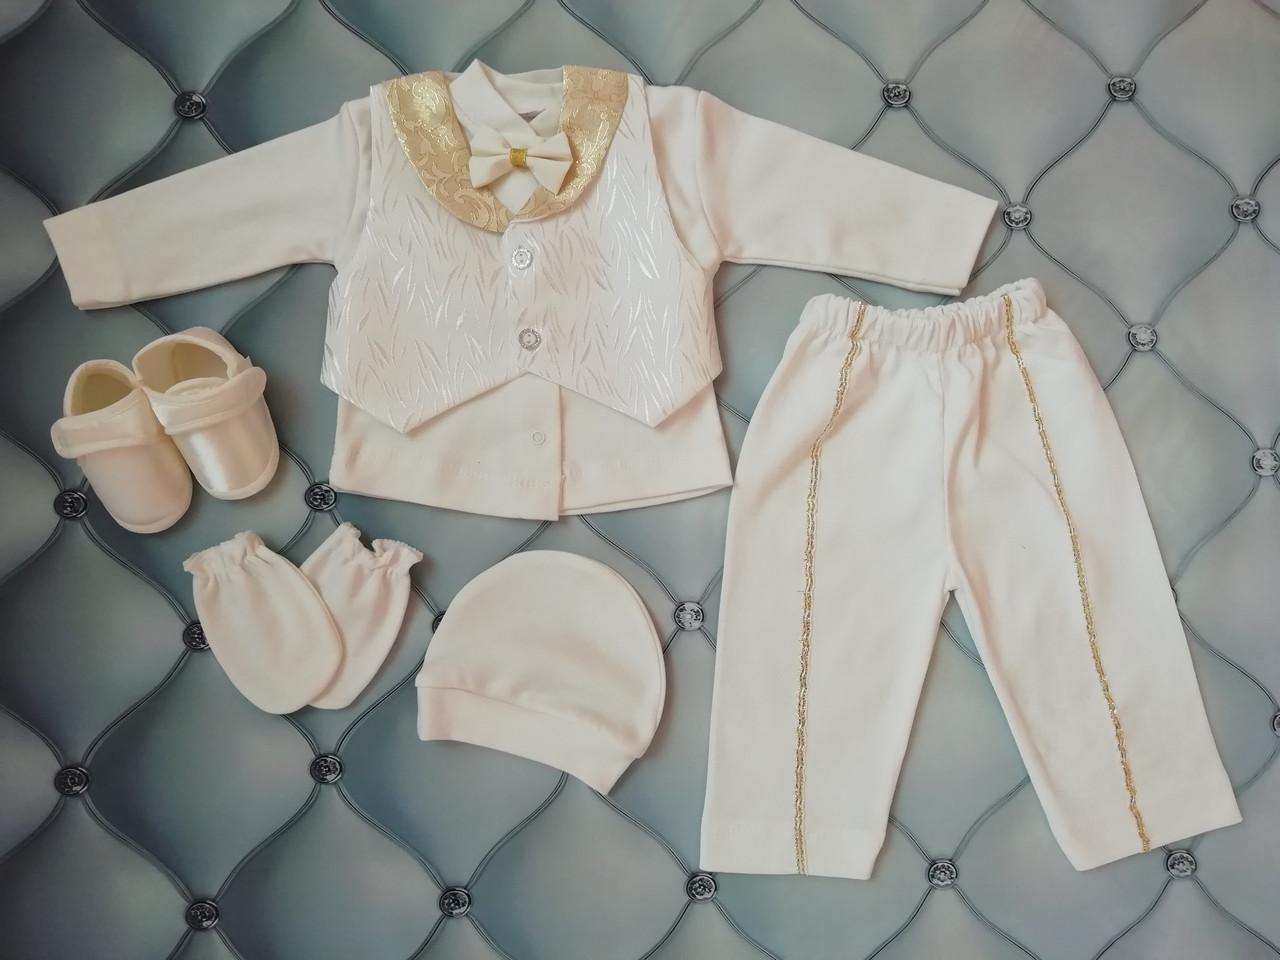 Подарочный набор на мальчика Принц, 0-6 месяцев